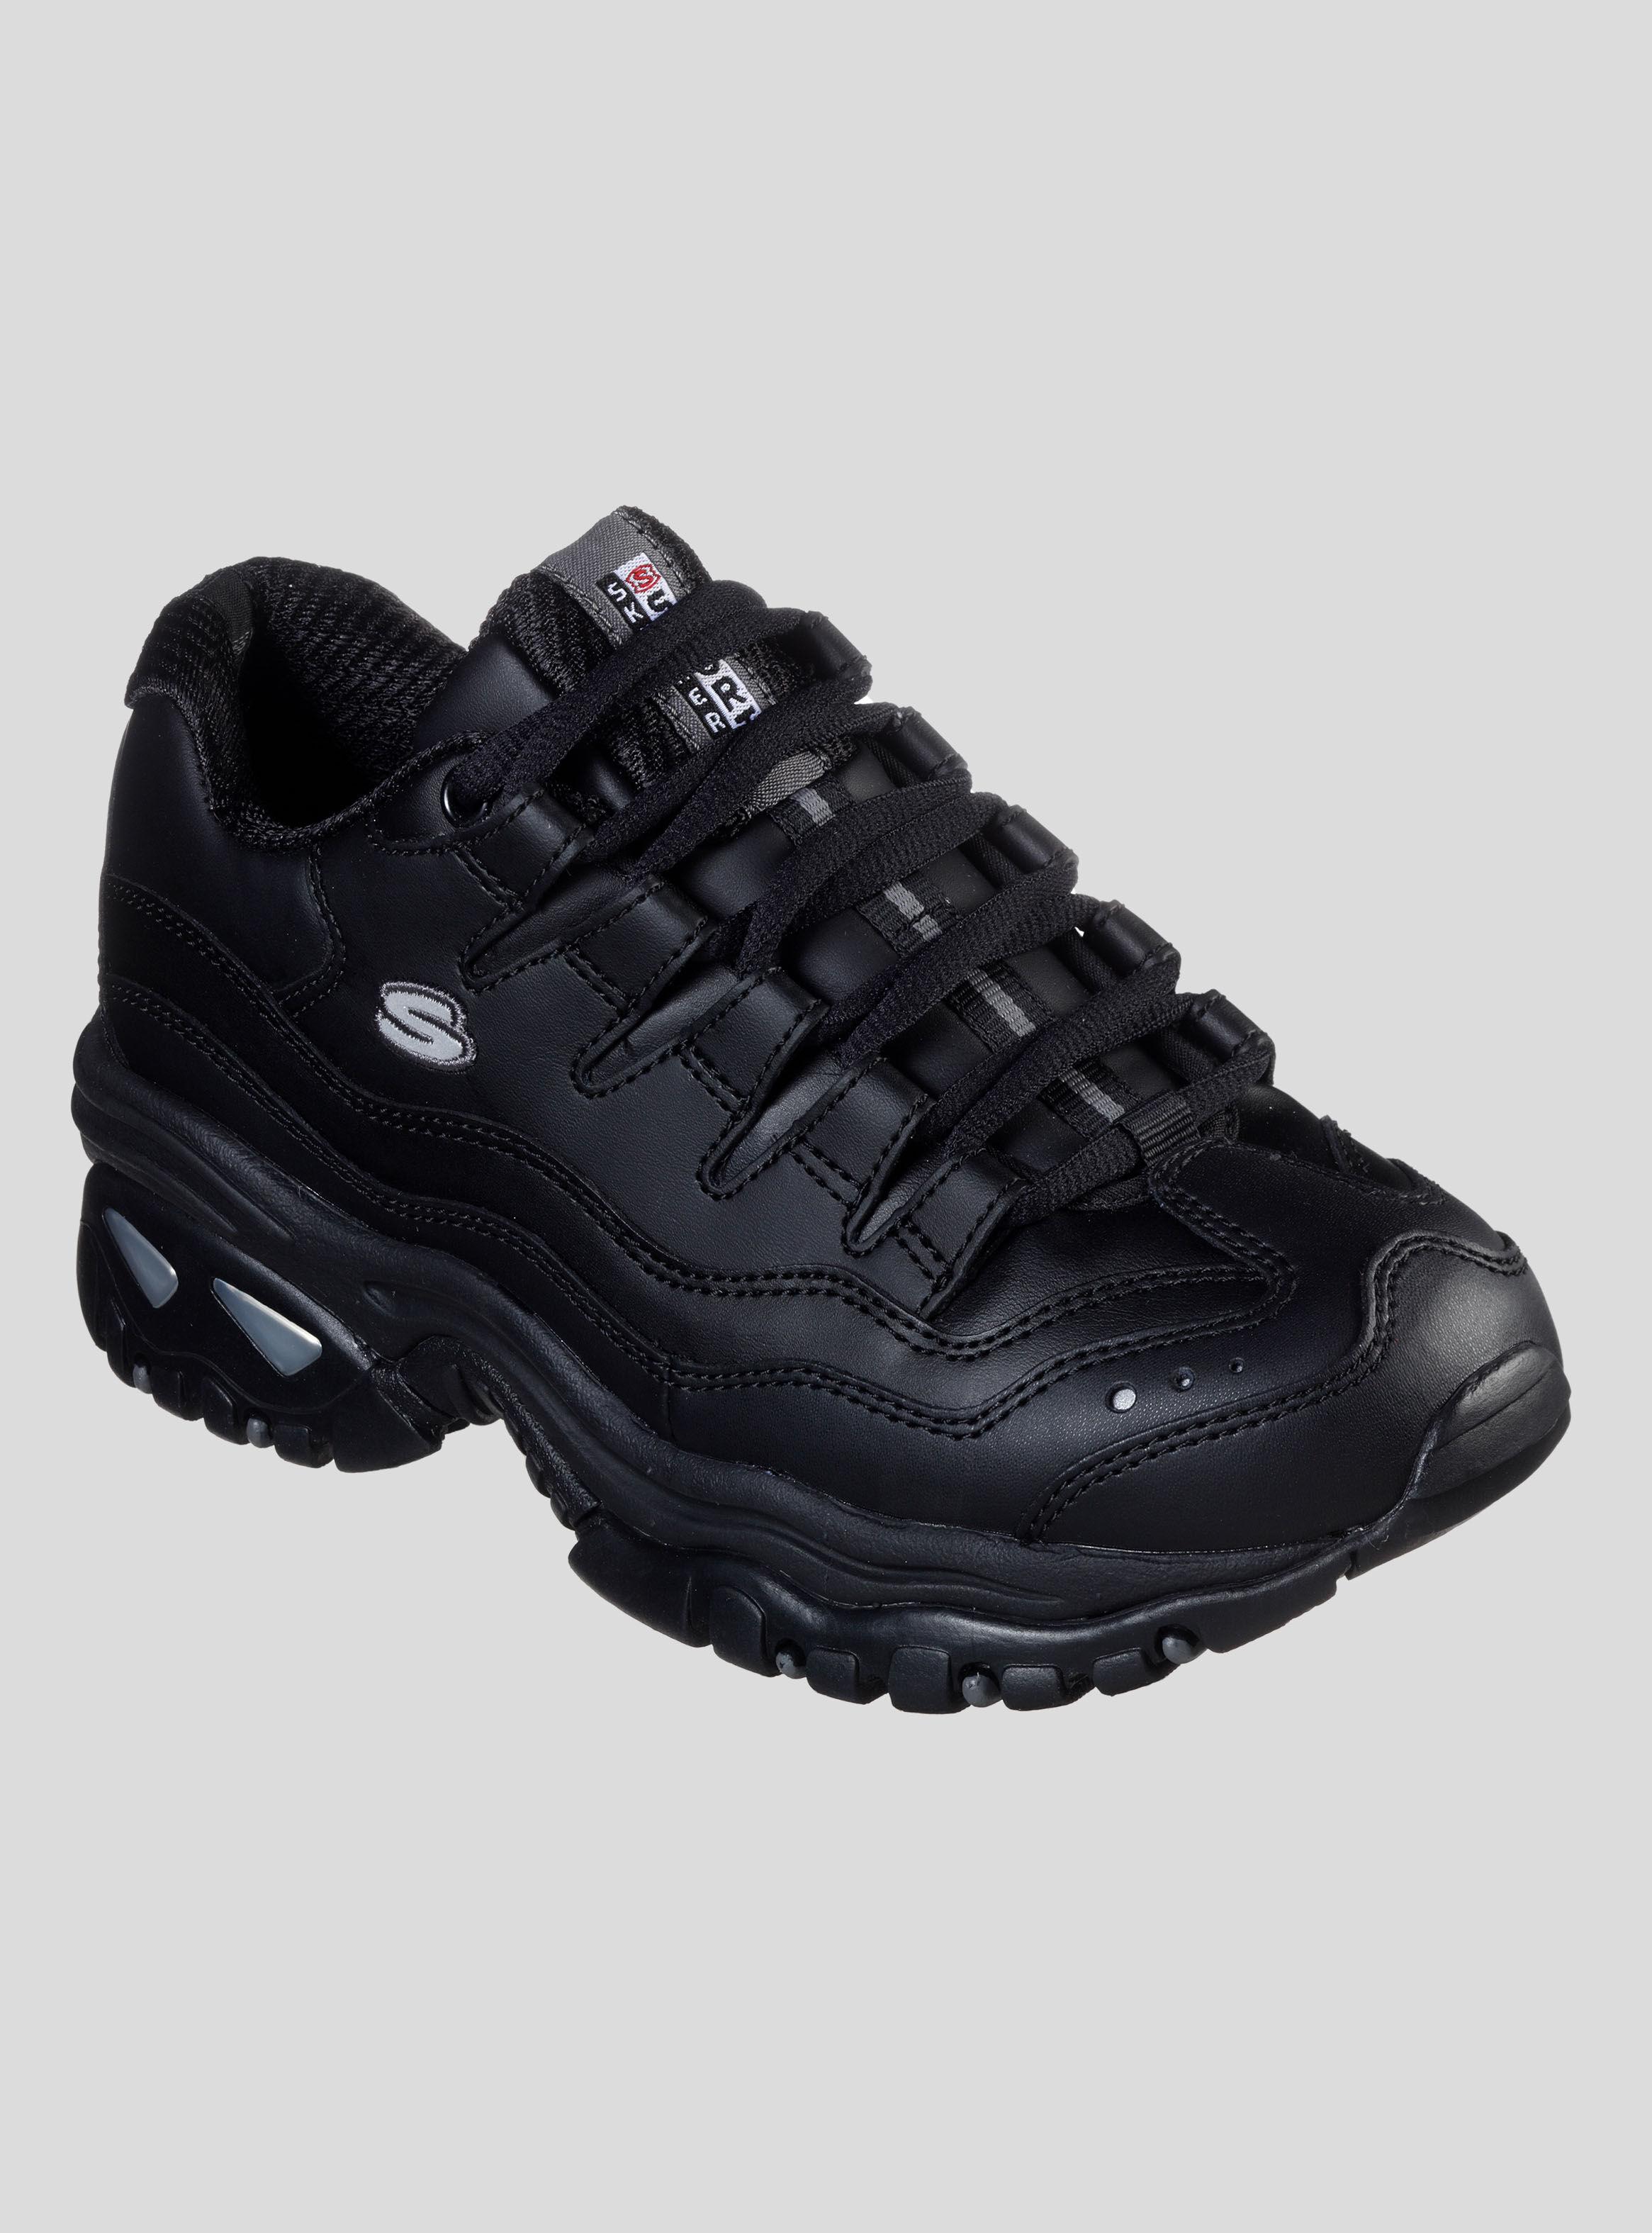 zapatos salomon hombre amazon outlet neuss hombre